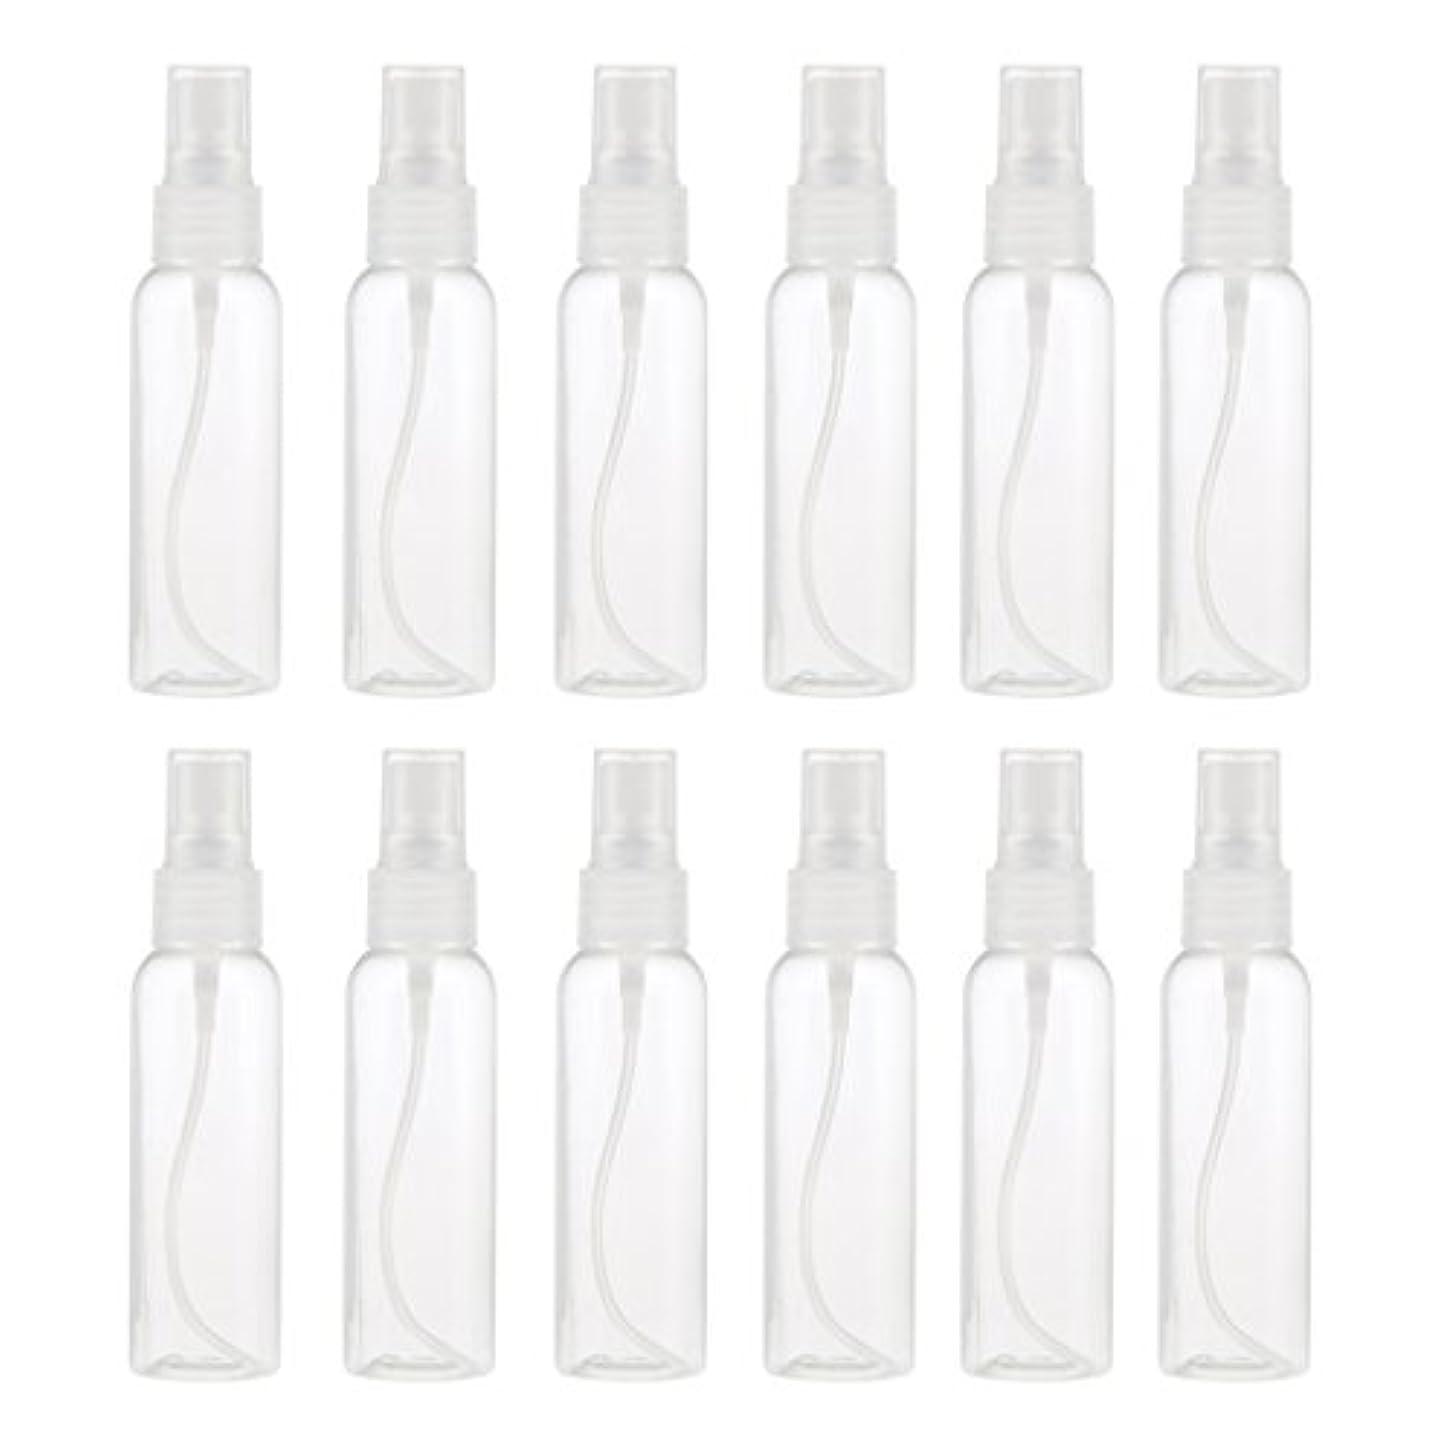 トランザクションハック電気のお買得 プラスチック 分装瓶 スプレーボトル ミストアトマイザー 液体香水 詰め替え 旅行用 60ml 12PCS - クリア